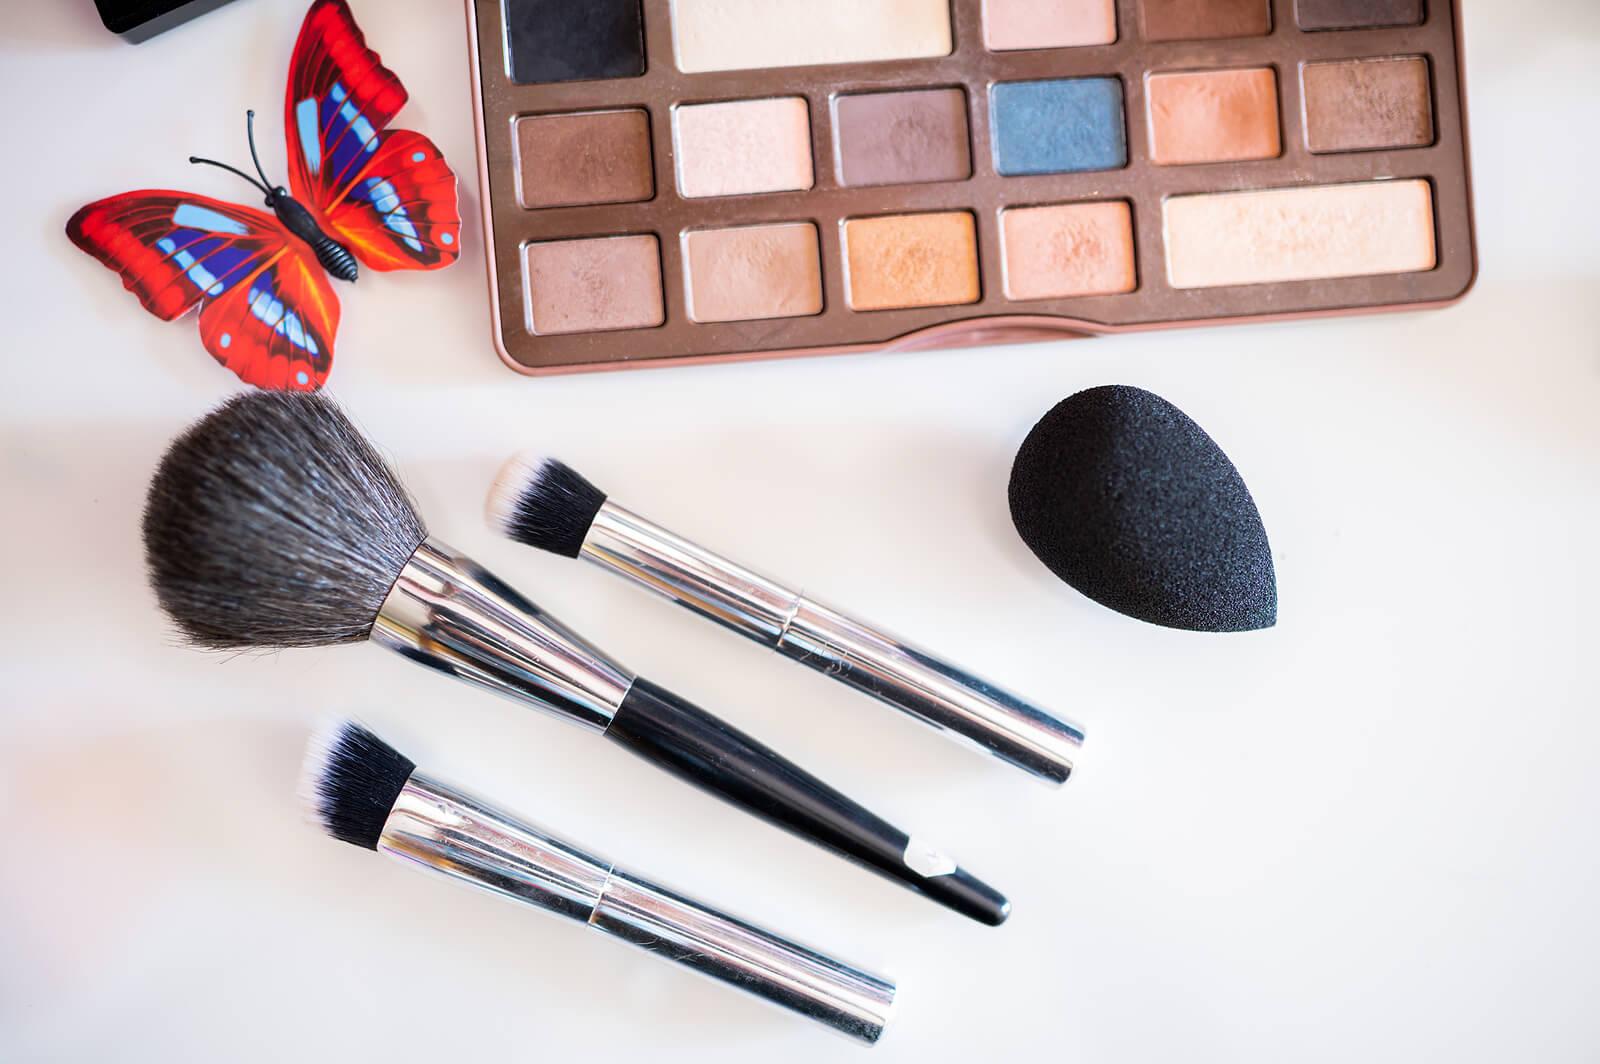 Artículos de maquillaje que se deben desinfectar.